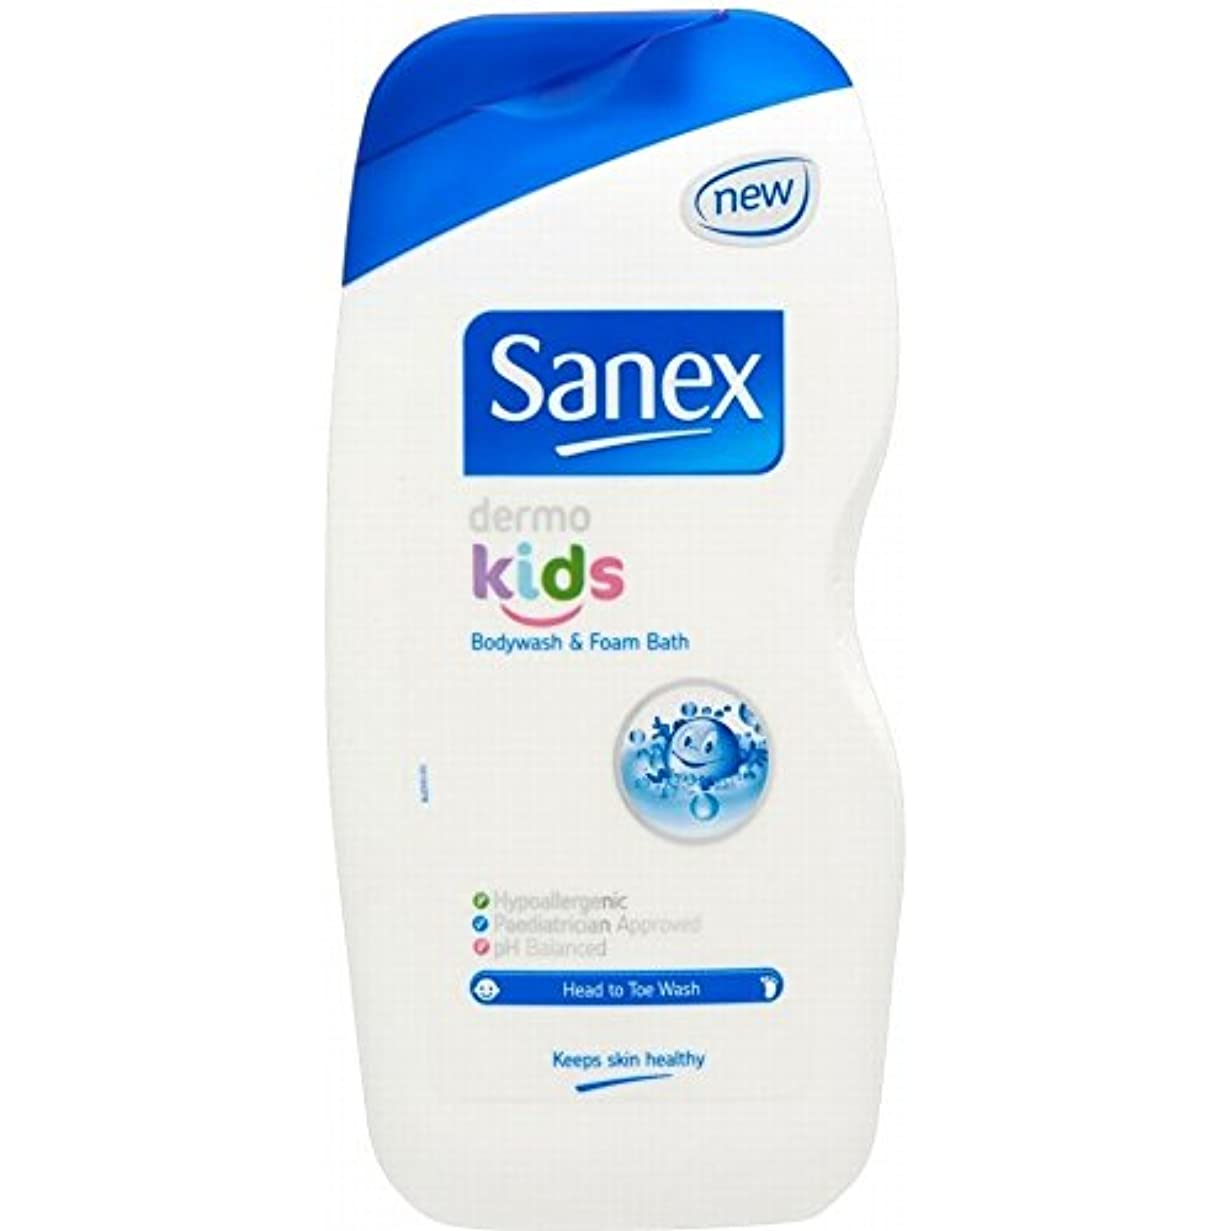 混乱させる繊維うるさいSanex Dermo Kids Body Wash & Foam Bath (500ml) Sanex真皮キッズボディウォッシュと泡風呂( 500ミリリットル) [並行輸入品]